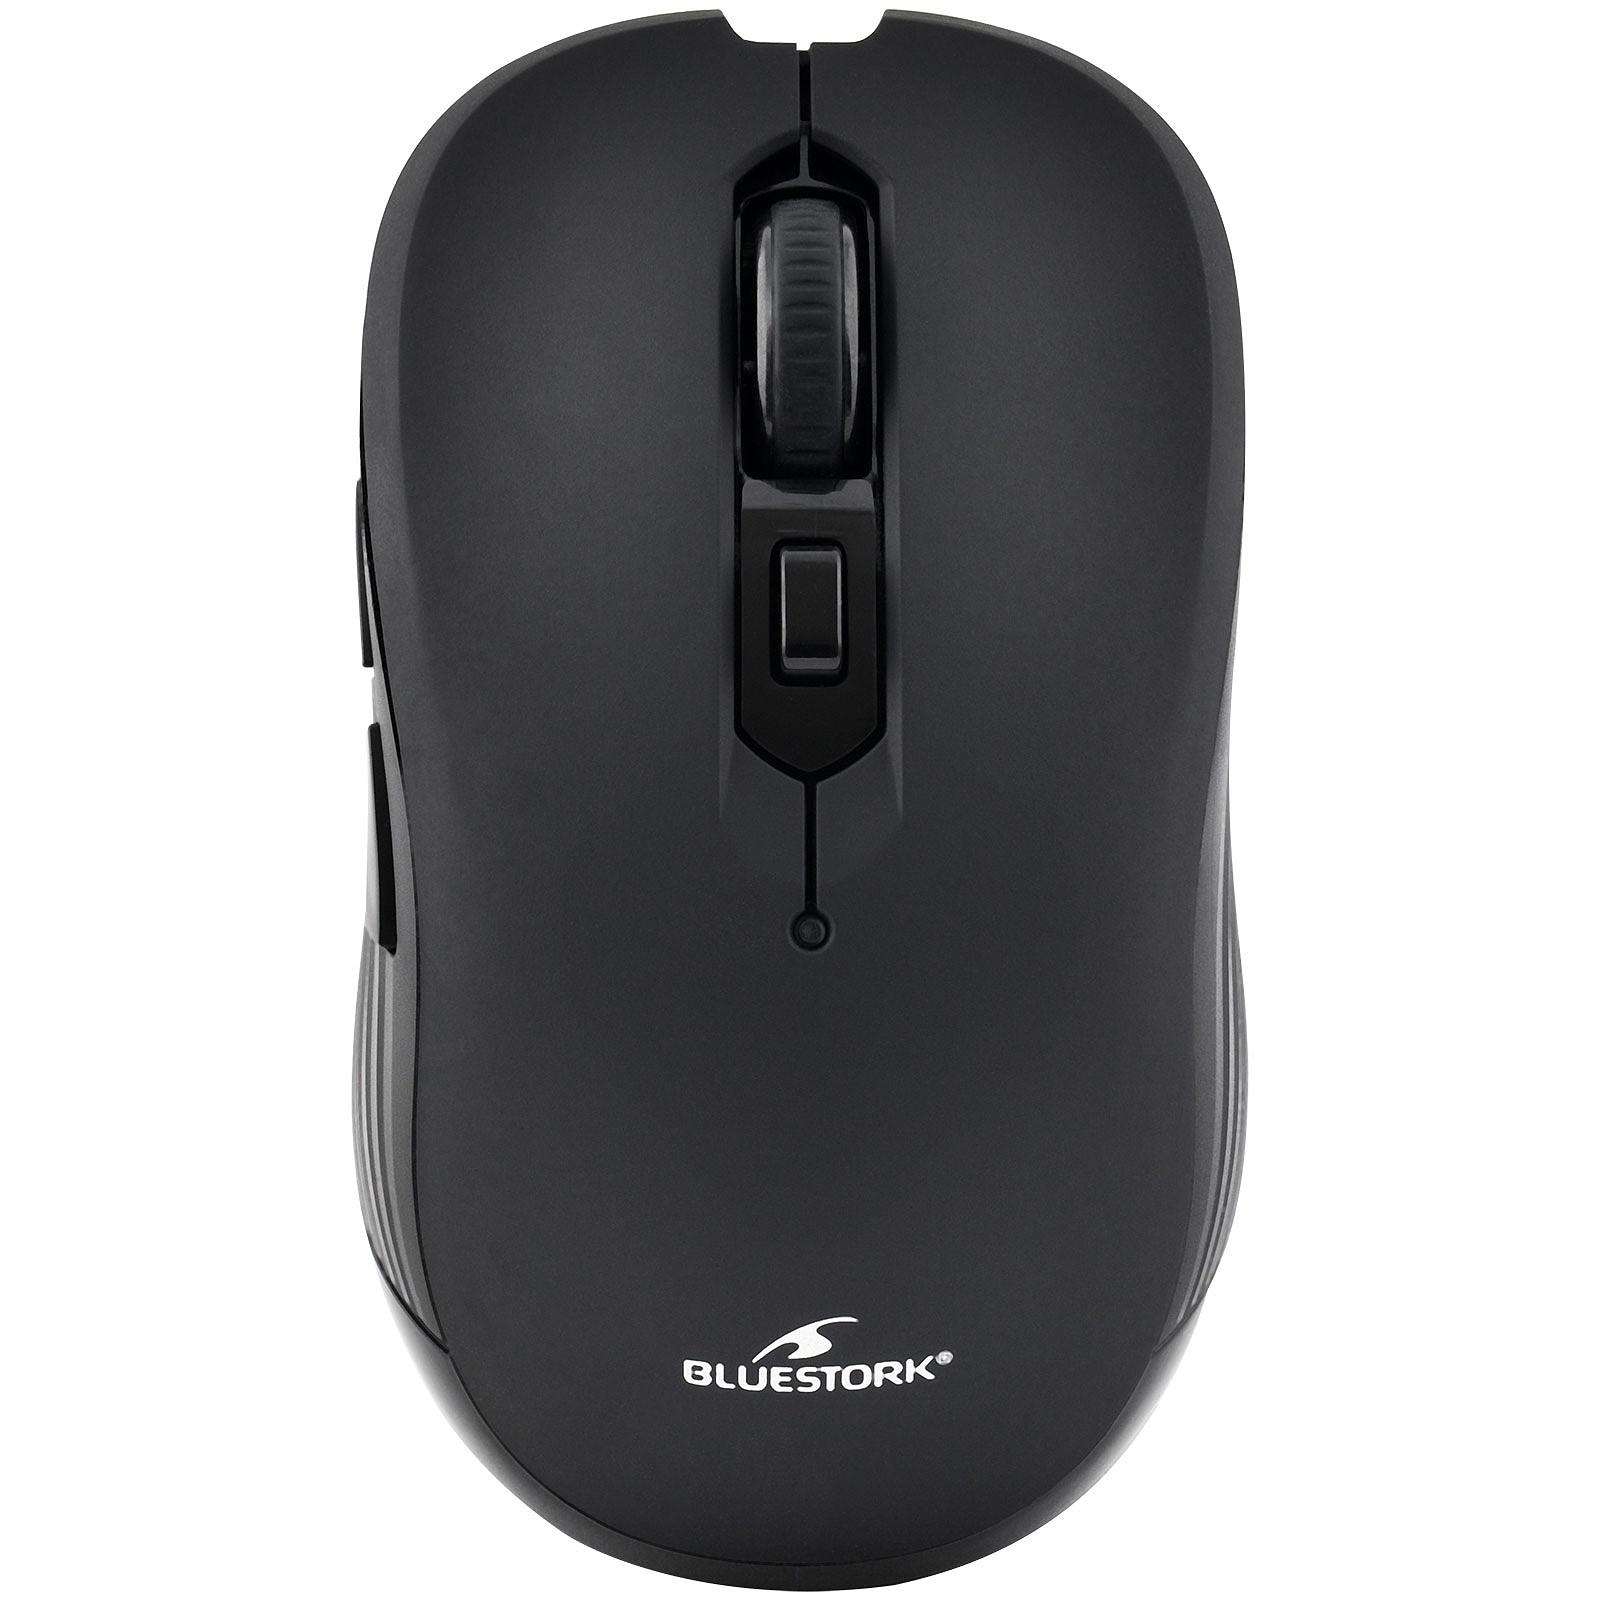 Bluestork Dual Connexion Mouse